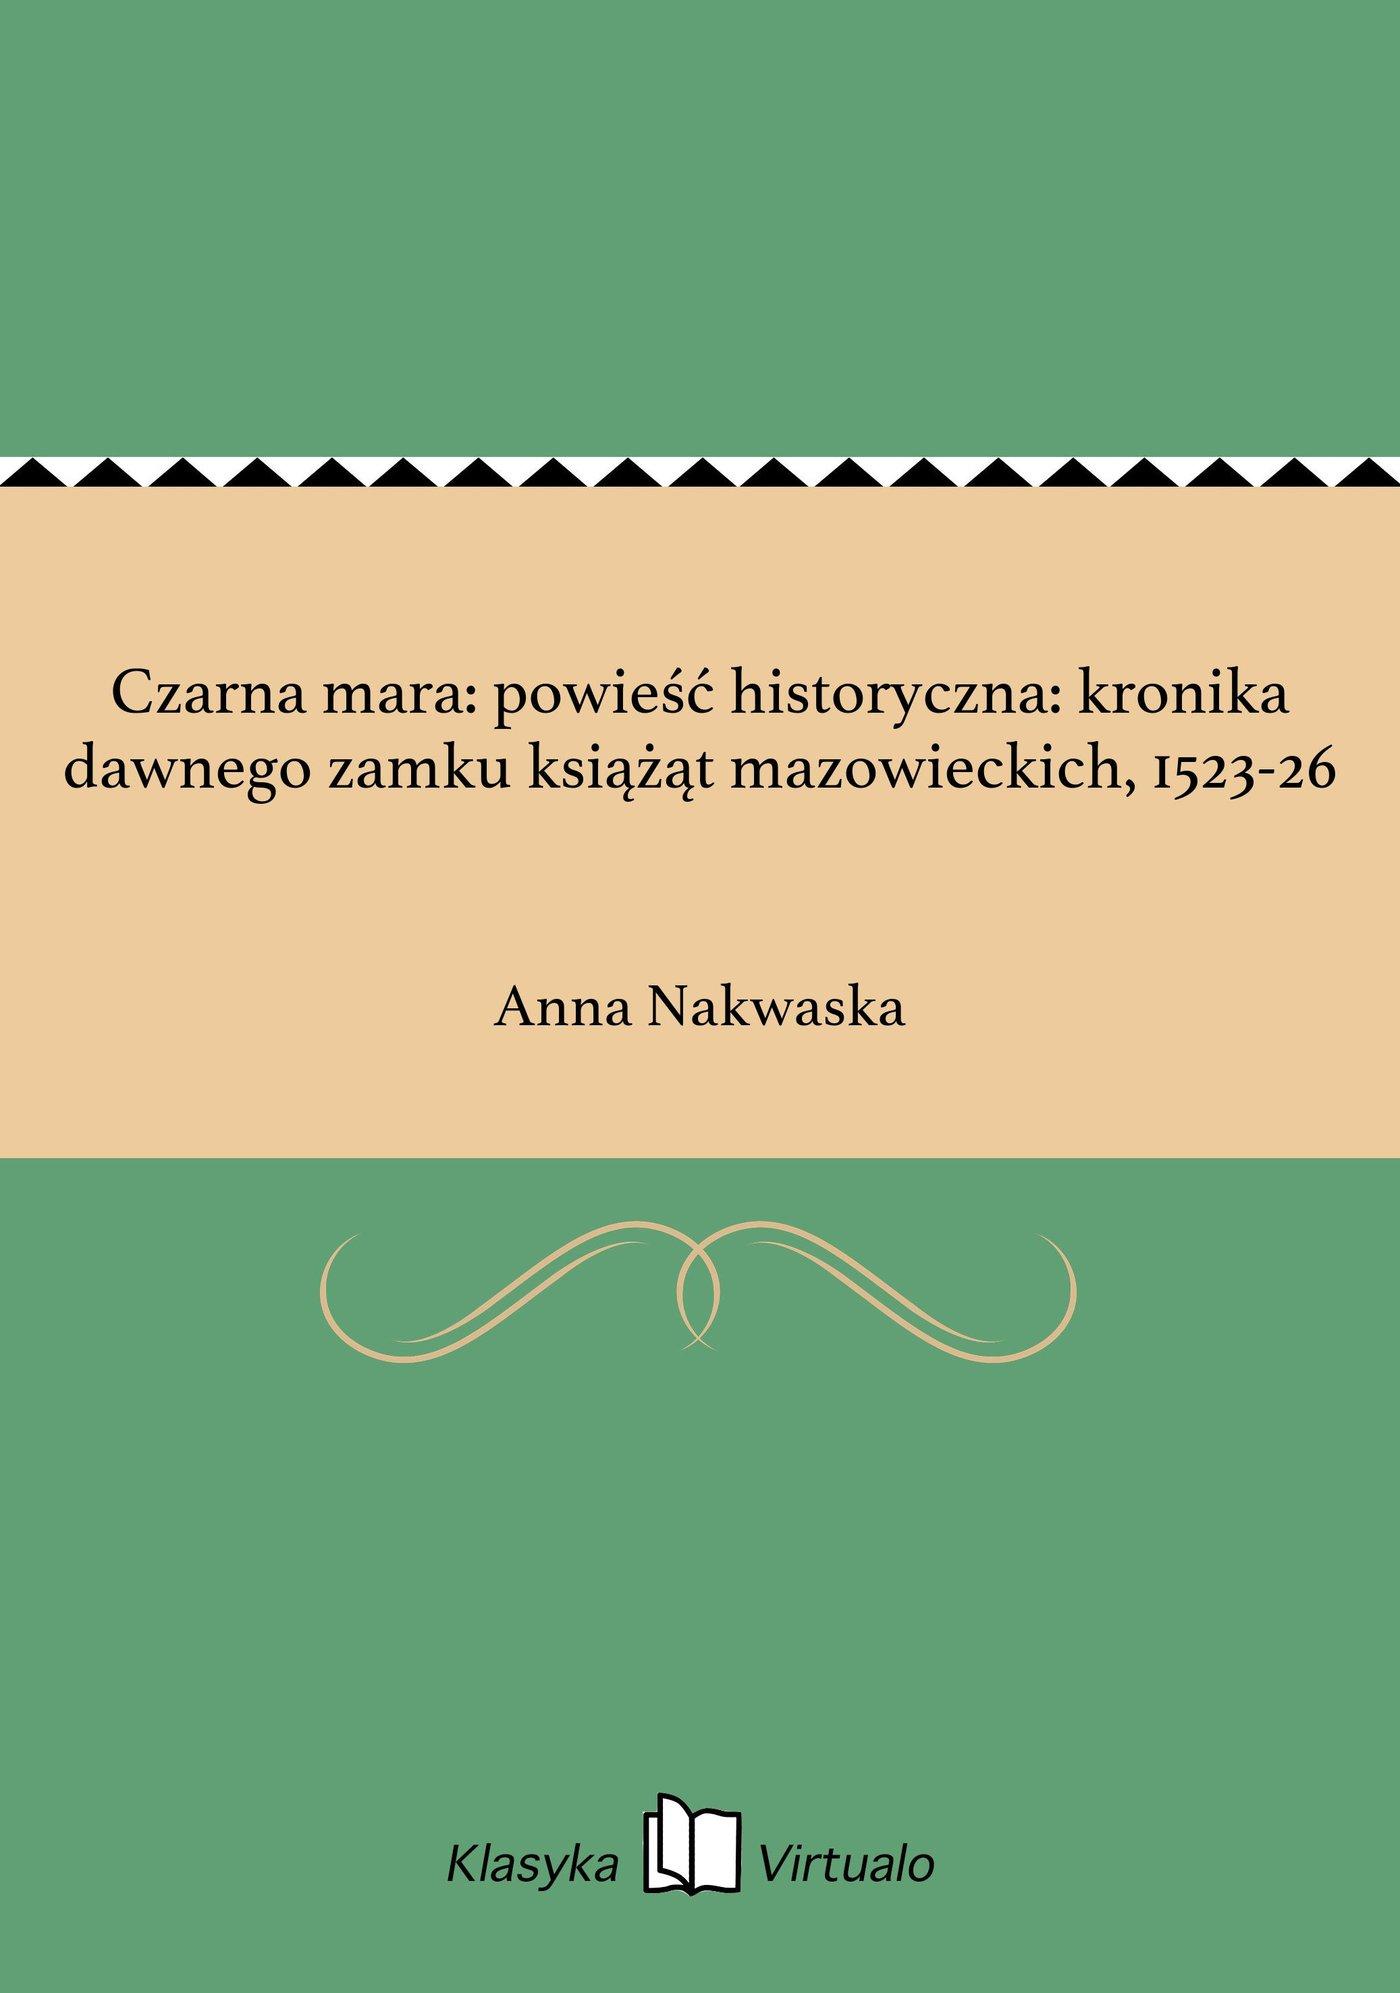 Czarna mara: powieść historyczna: kronika dawnego zamku książąt mazowieckich, 1523-26 - Ebook (Książka EPUB) do pobrania w formacie EPUB